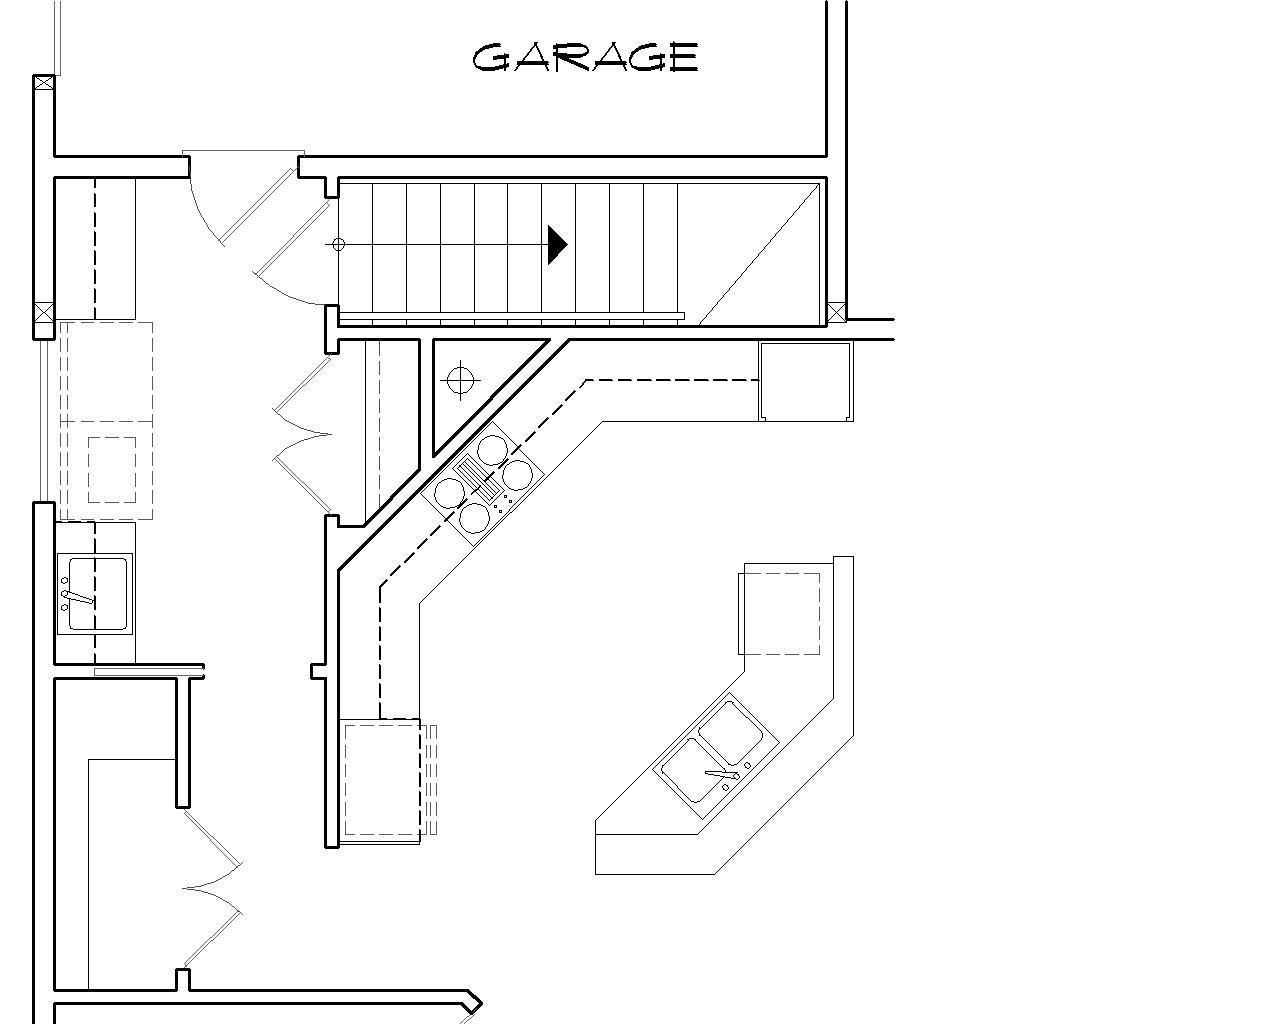 glastonburg 5258 3 bedrooms and 2 5 baths the house. Black Bedroom Furniture Sets. Home Design Ideas